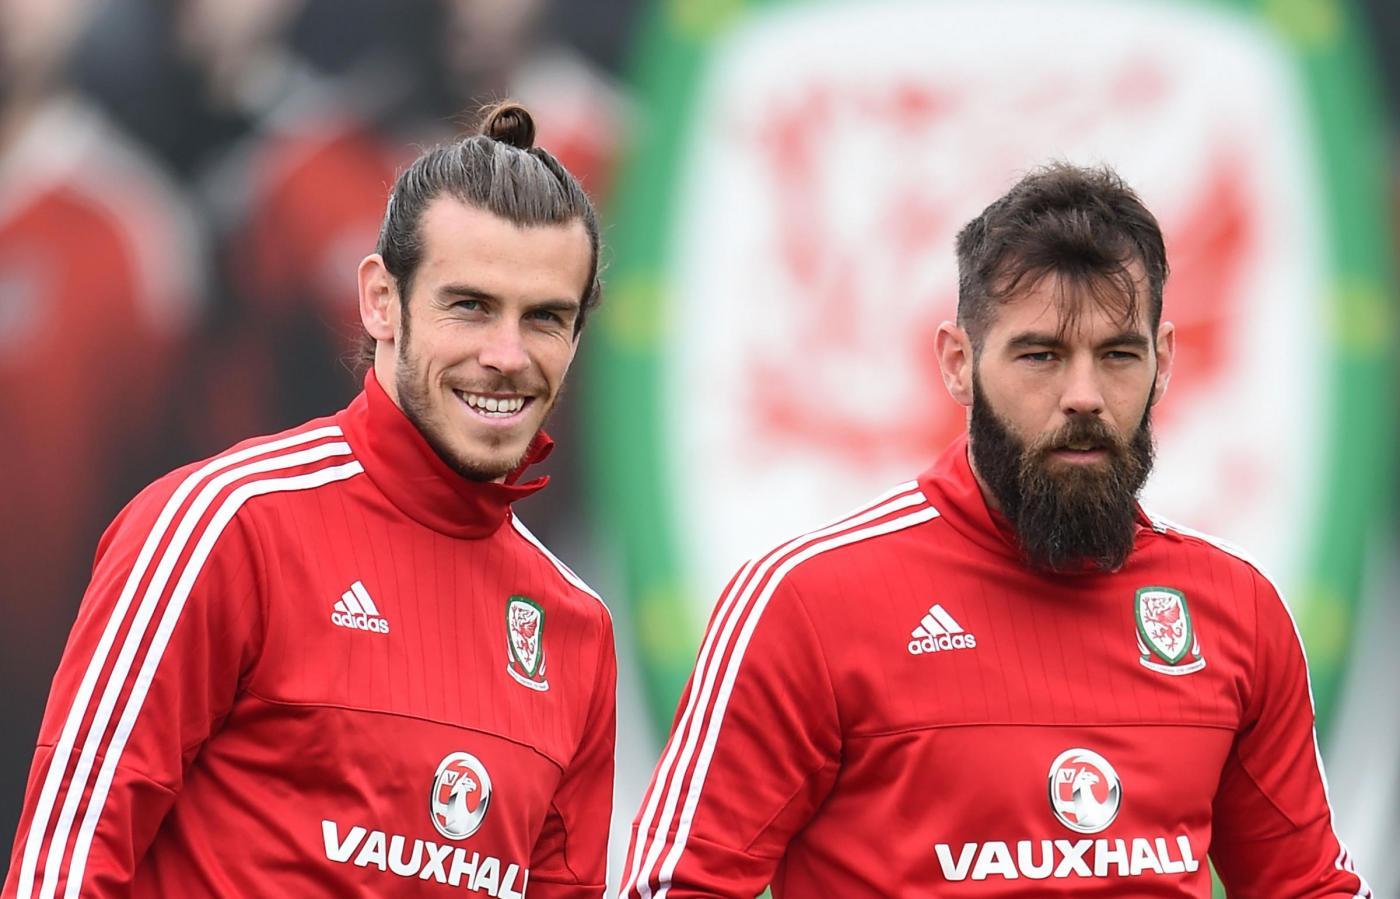 Europei Francia 2016- Inghilterra-Galles in DIRETTA: 0-0, subito Sterling pericoloso